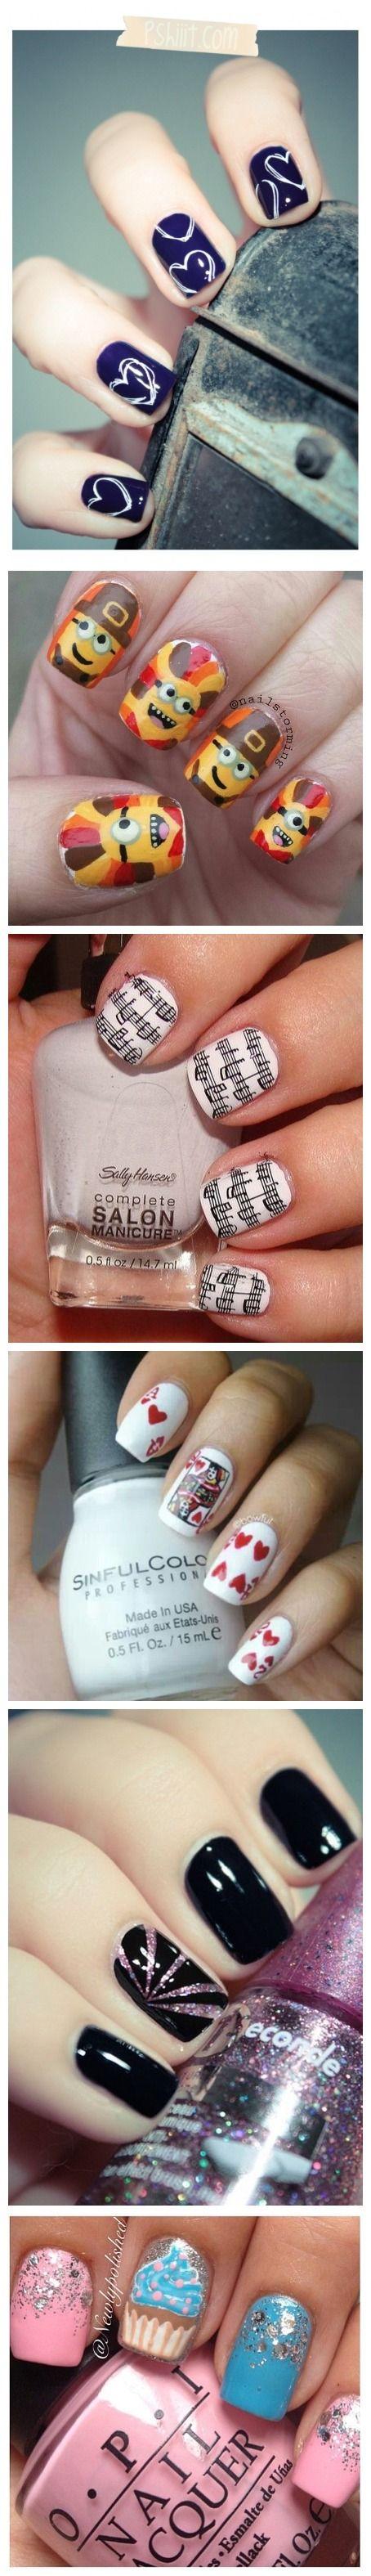 White Doodled Hearts on navy polish nail art Nail Design, Nail Art ...